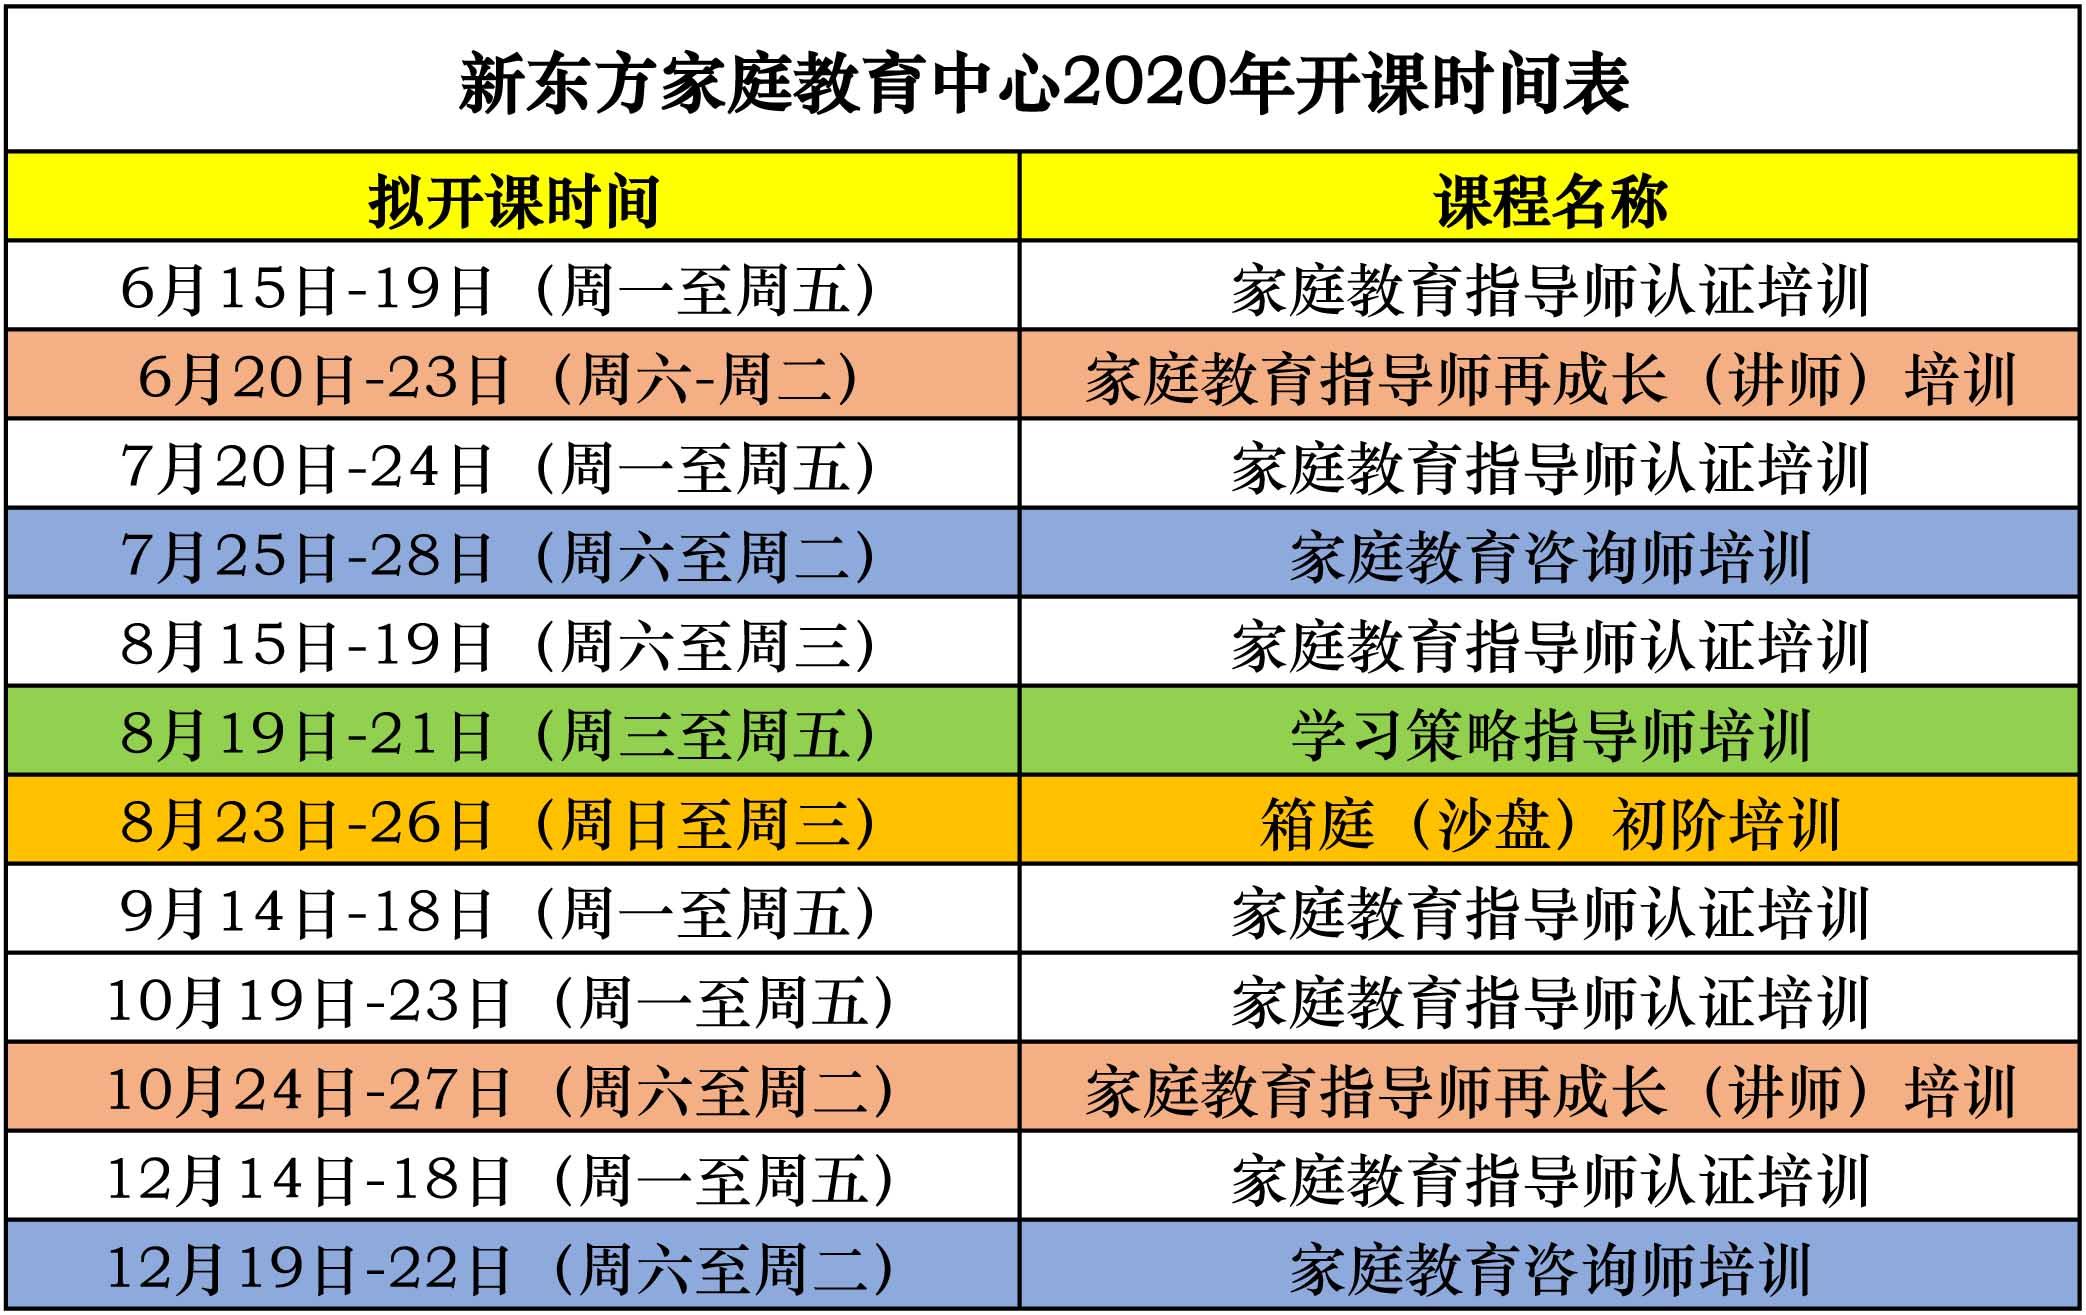 2020年開課時間表0417.jpg